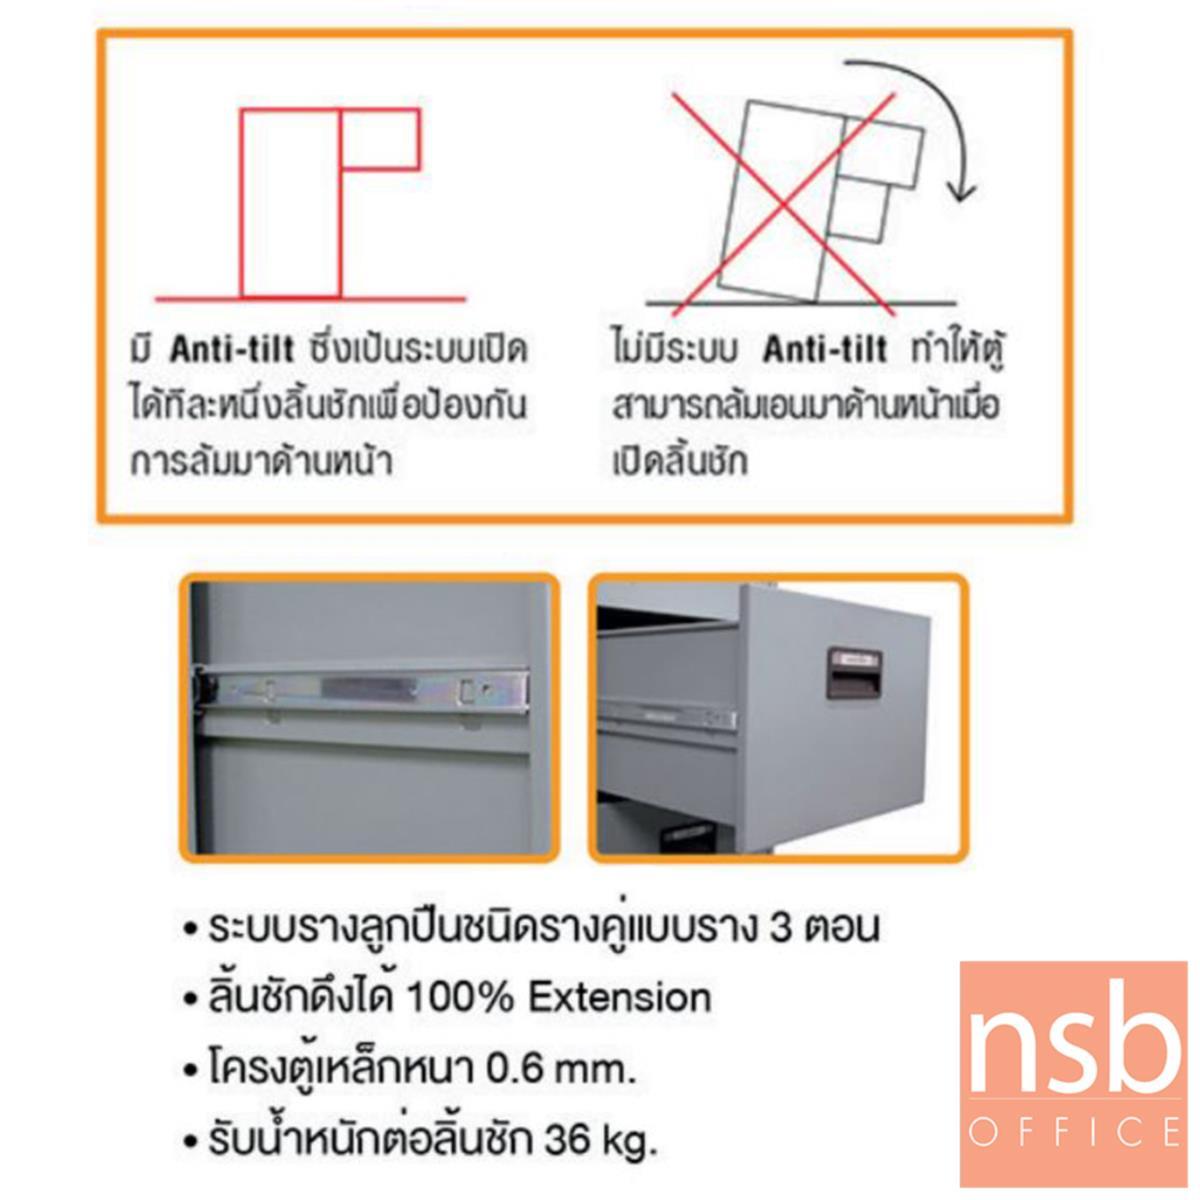 ตู้ลิ้นชักแฟ้มแขวน 3 ลิ้นชัก (มีระบบป้องกันทางล้ม Anti tilt) รุ่น FC-953